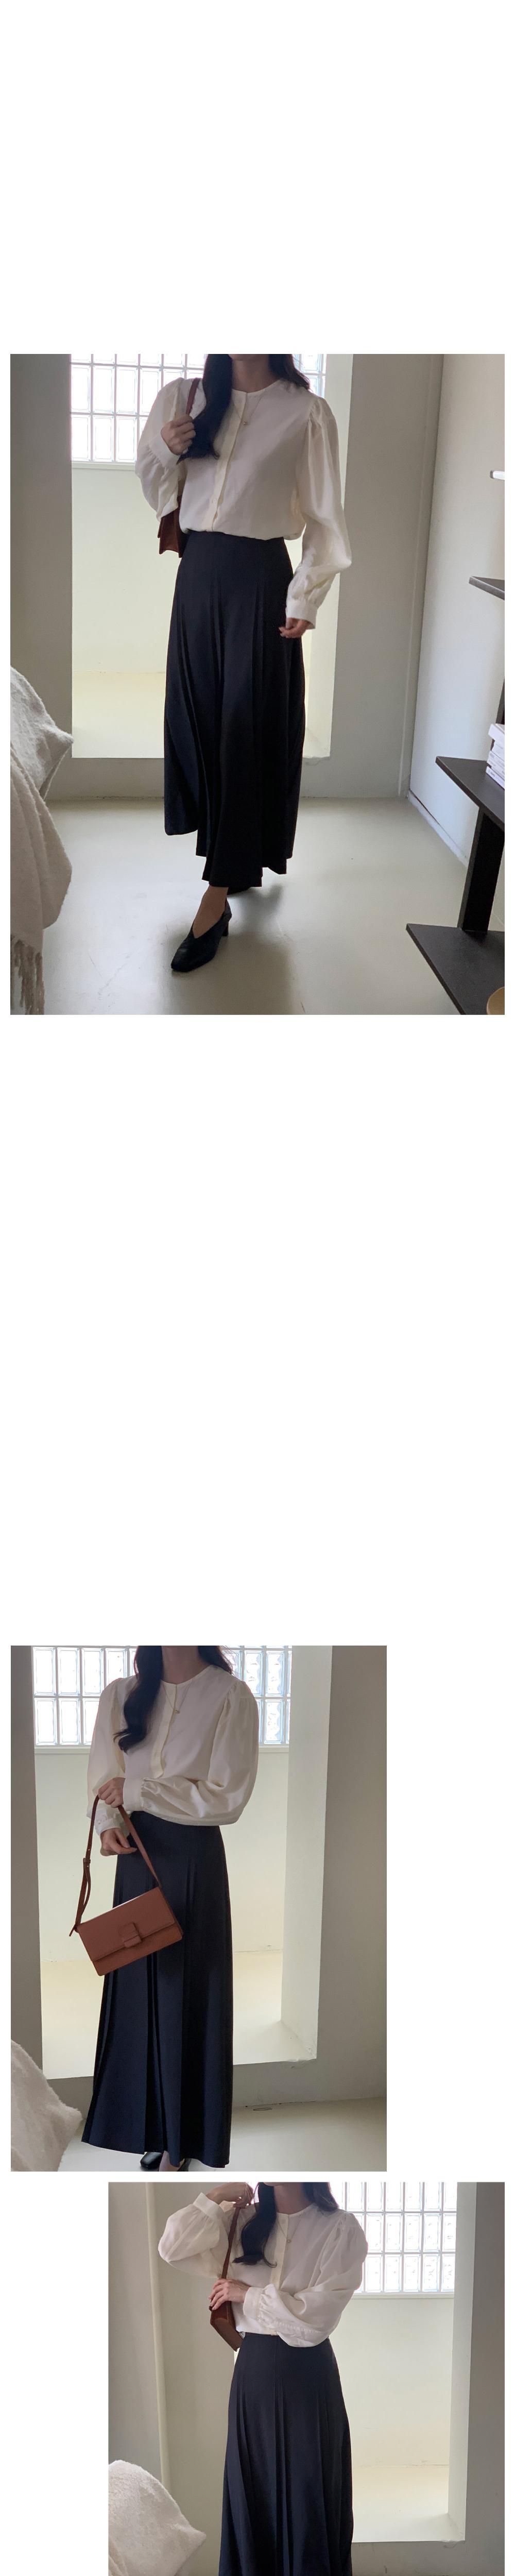 악세사리 차콜 색상 이미지-S6L1